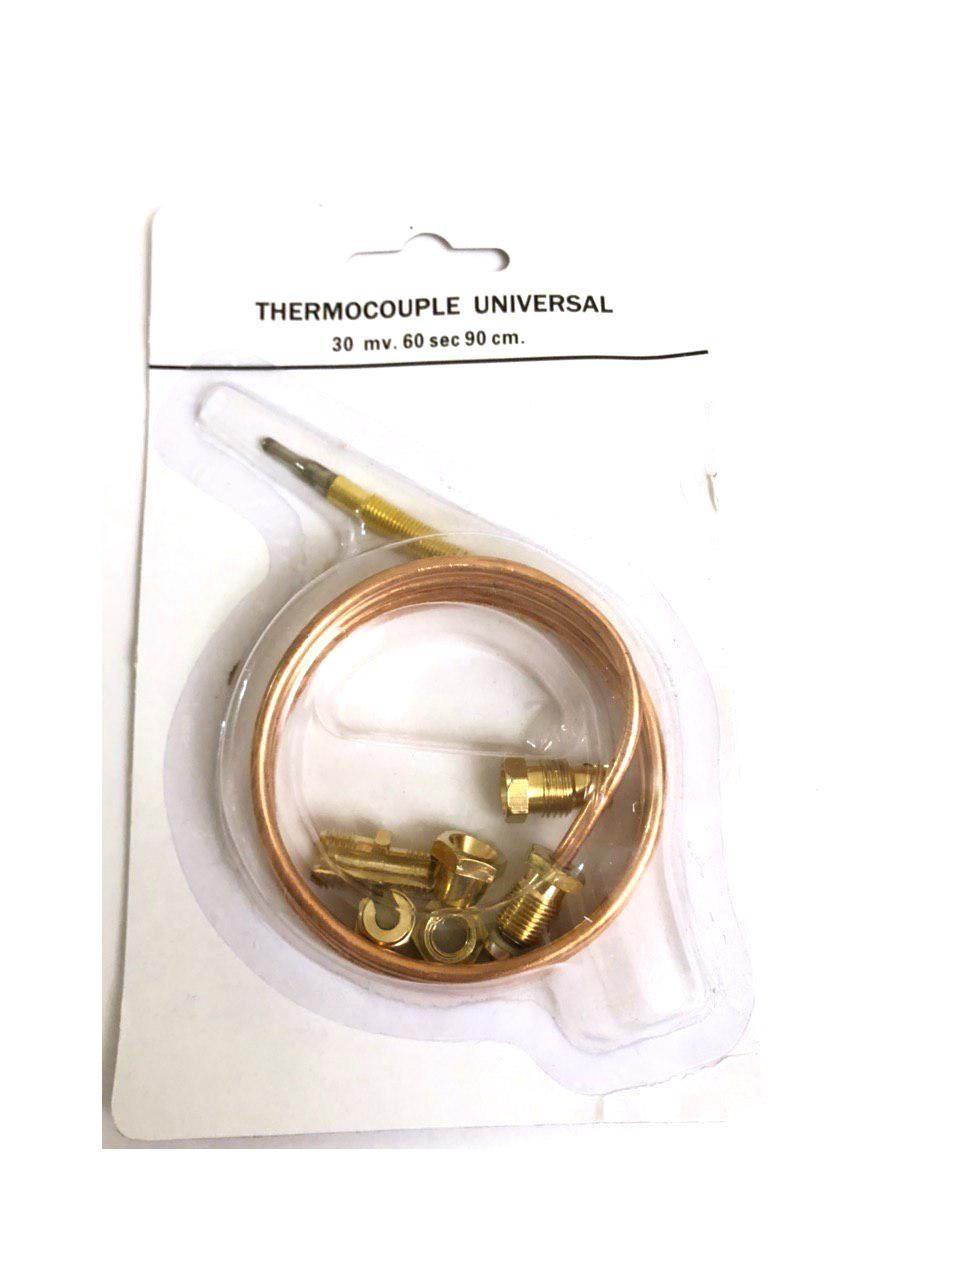 Термопара универсальная (universal) для газа 90см-30mv-60sec